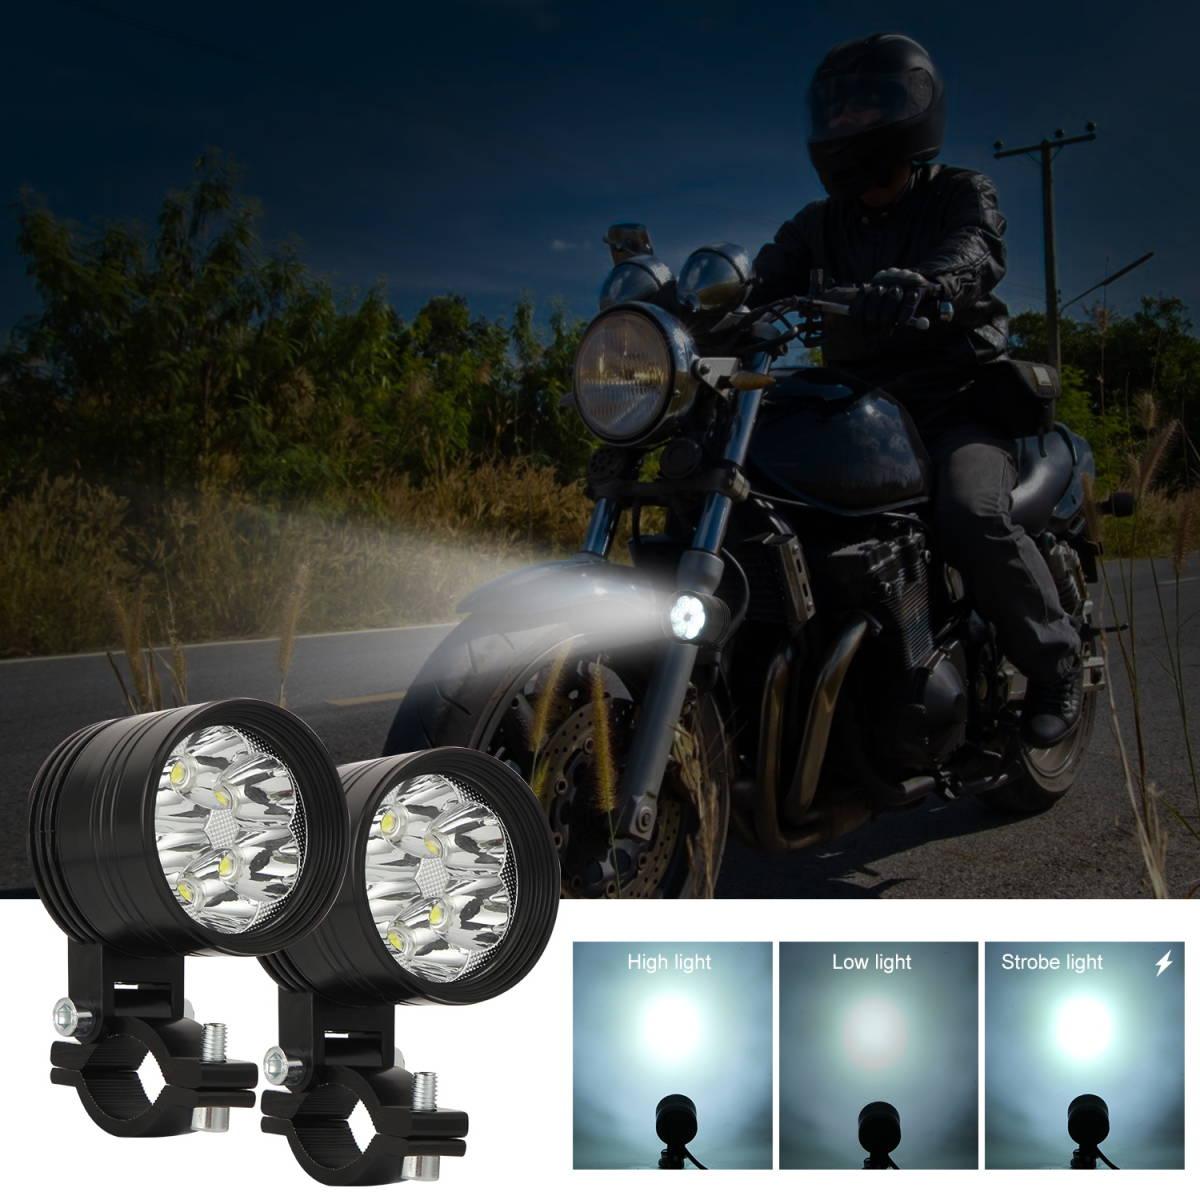 オートバイ/バイク ヘッドライト 補助灯 6連 ledフォグランプ ホワイト 2個入り 12V スポットライト プロジェクター バイク スイッチ*1_画像10